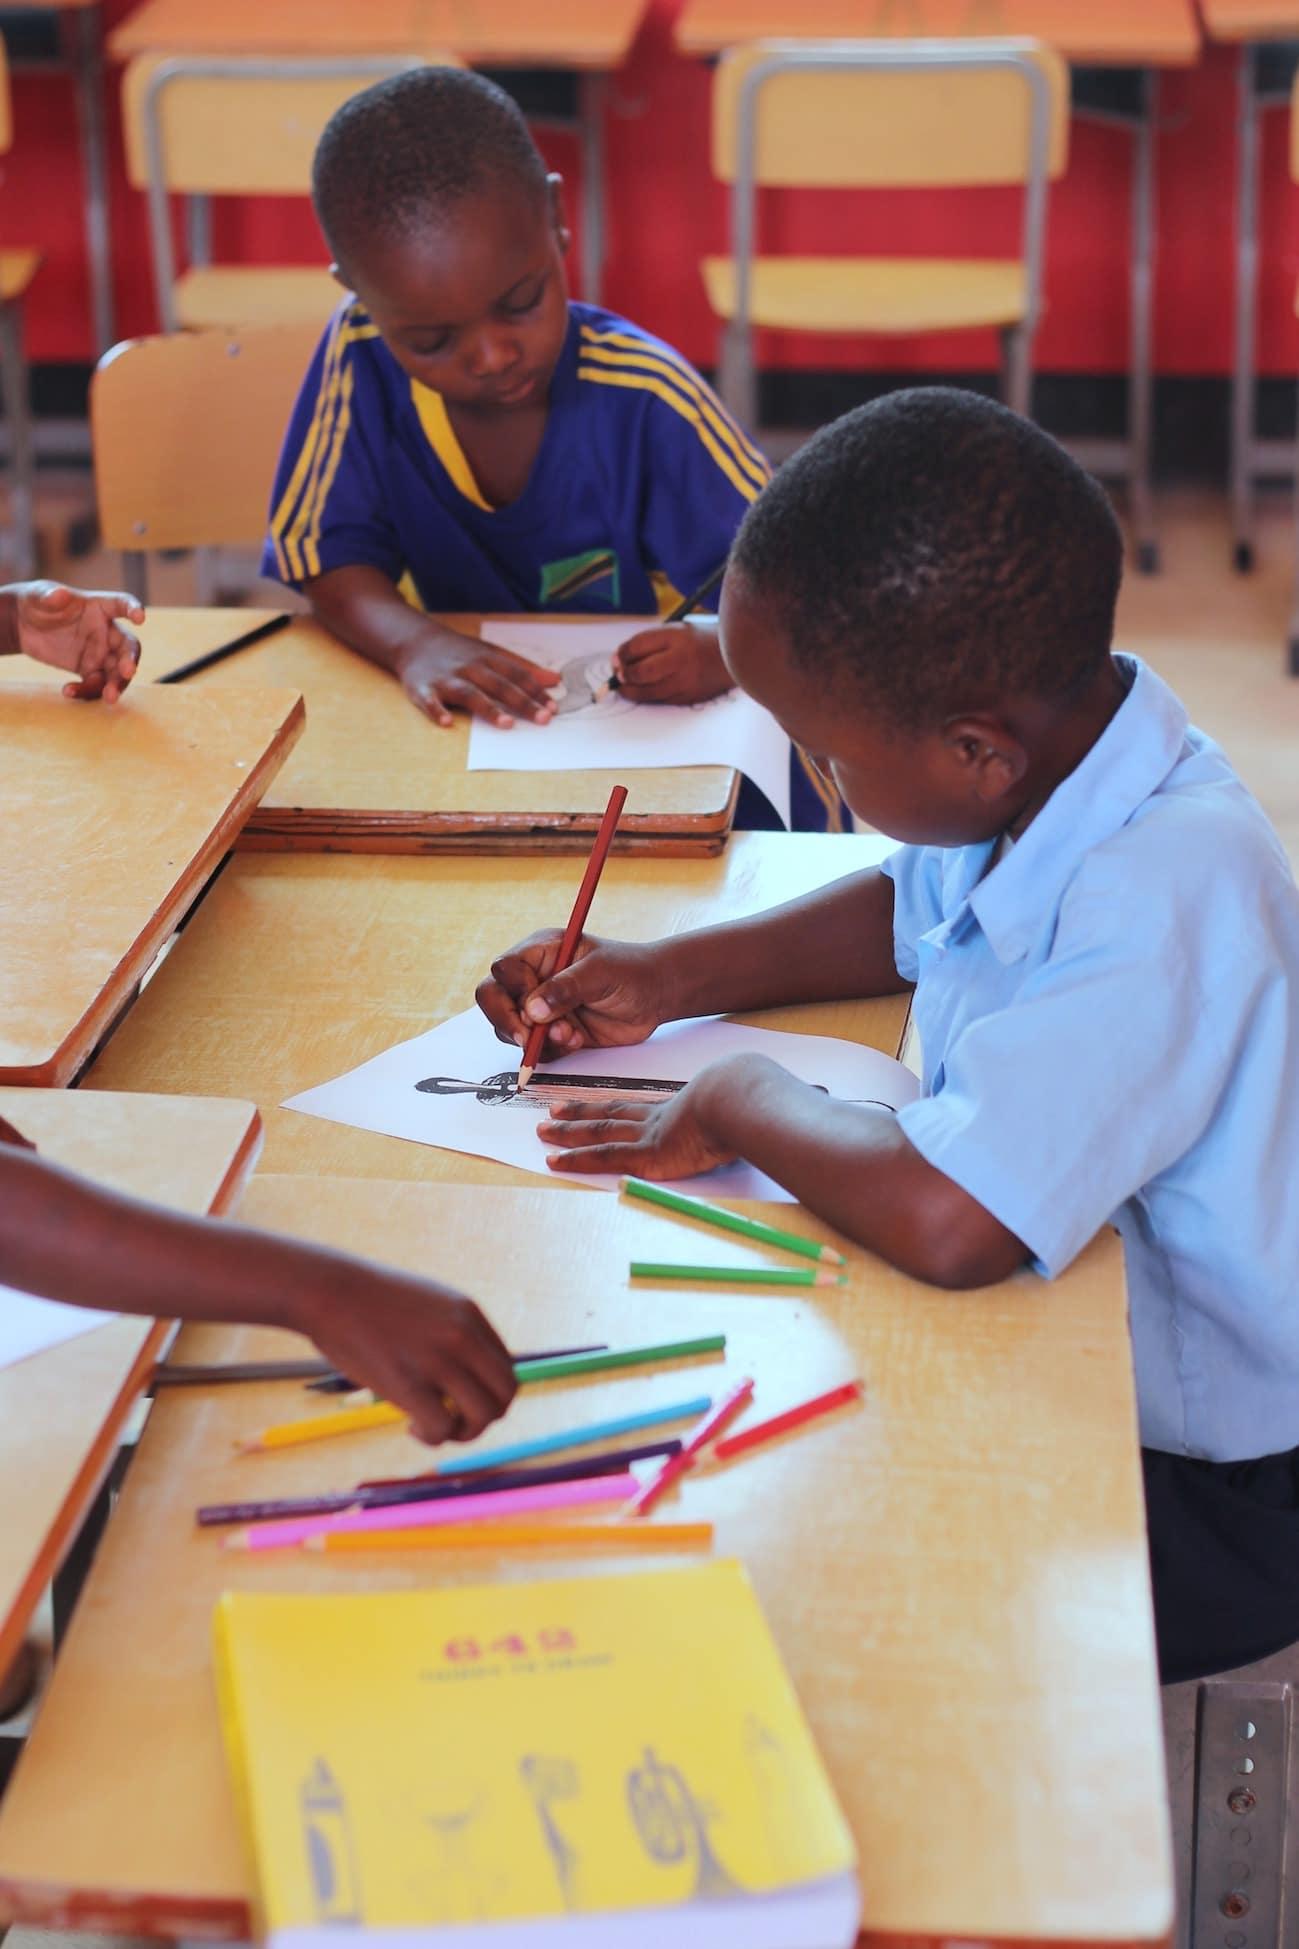 Busungu Community Center, an NGO School